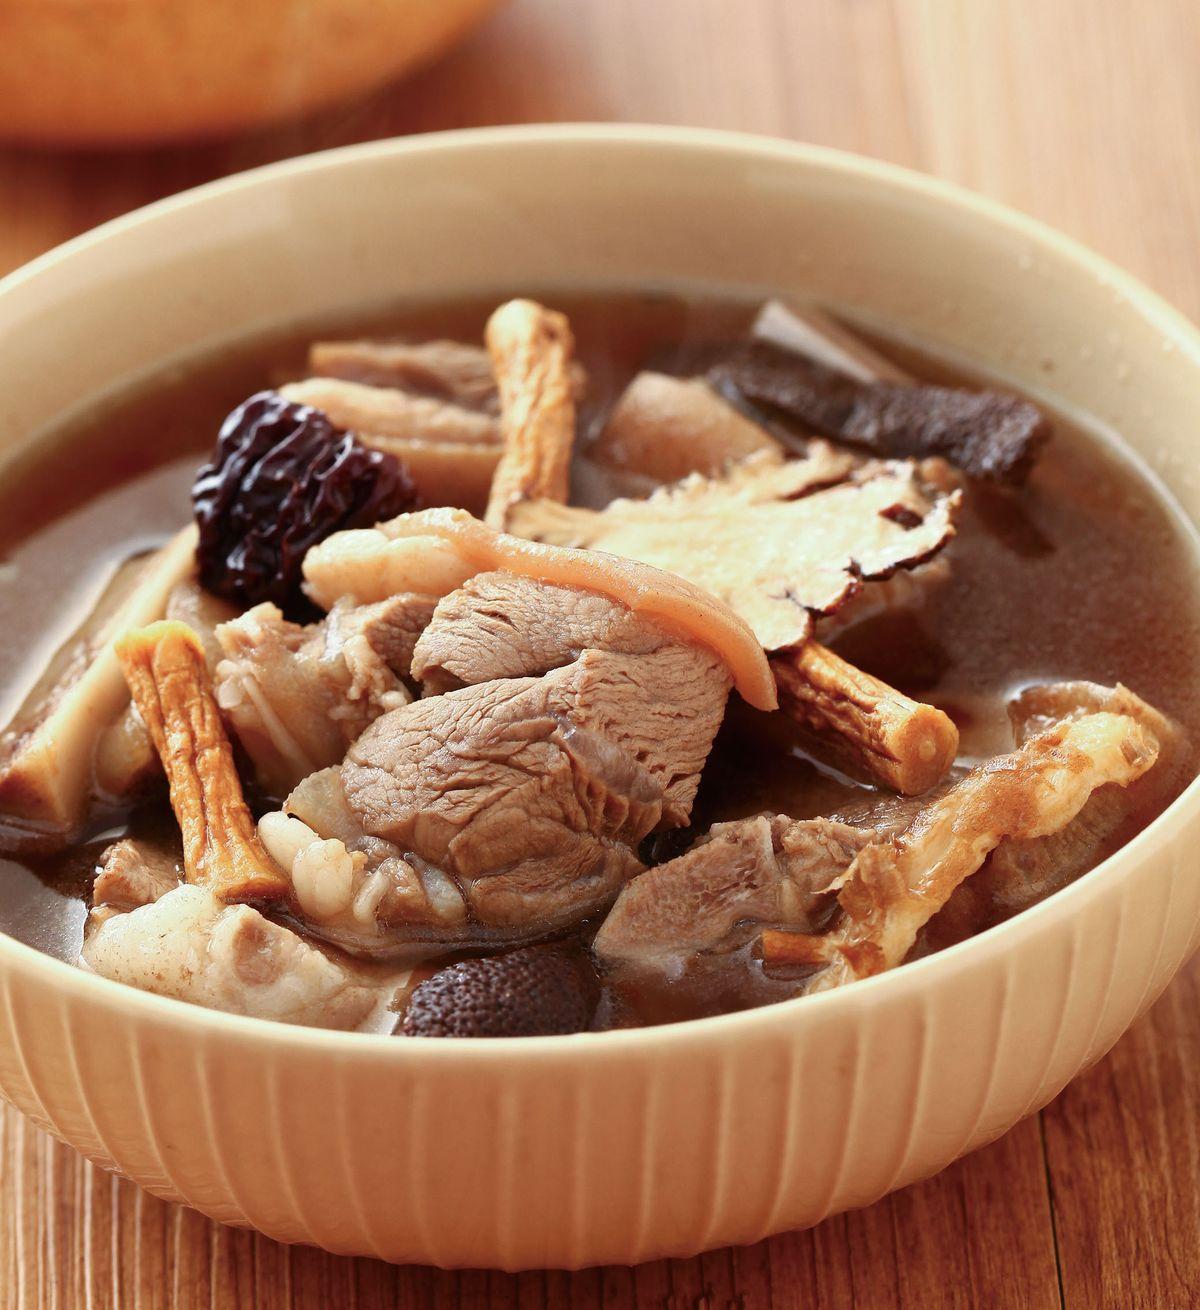 食譜:藥膳羊肉湯